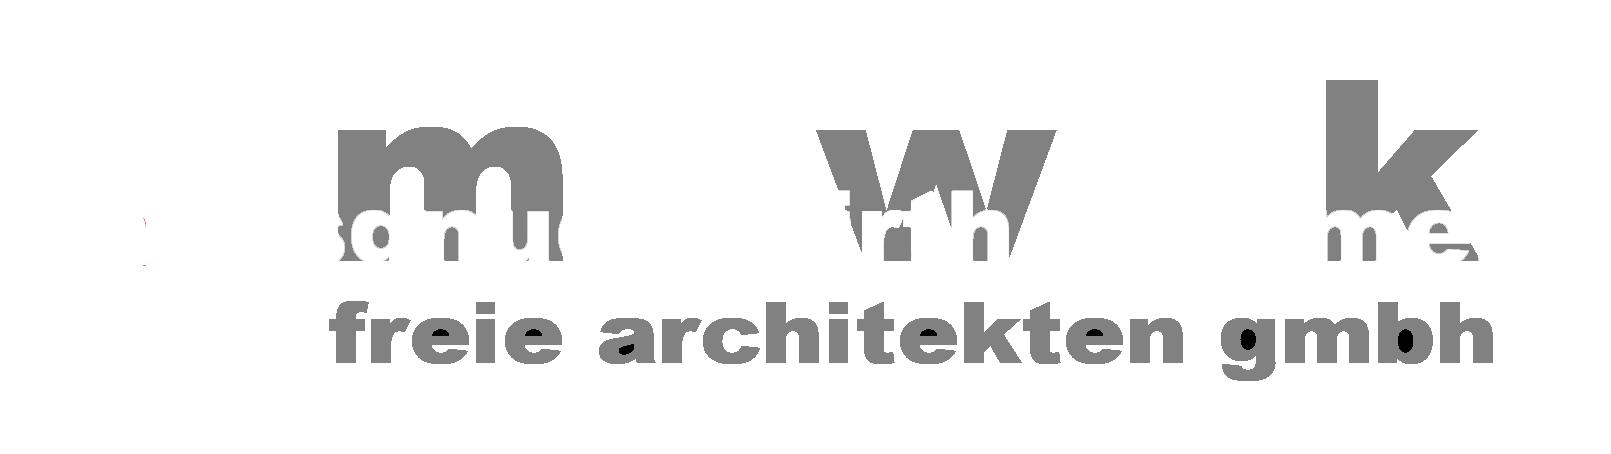 mwk architekten